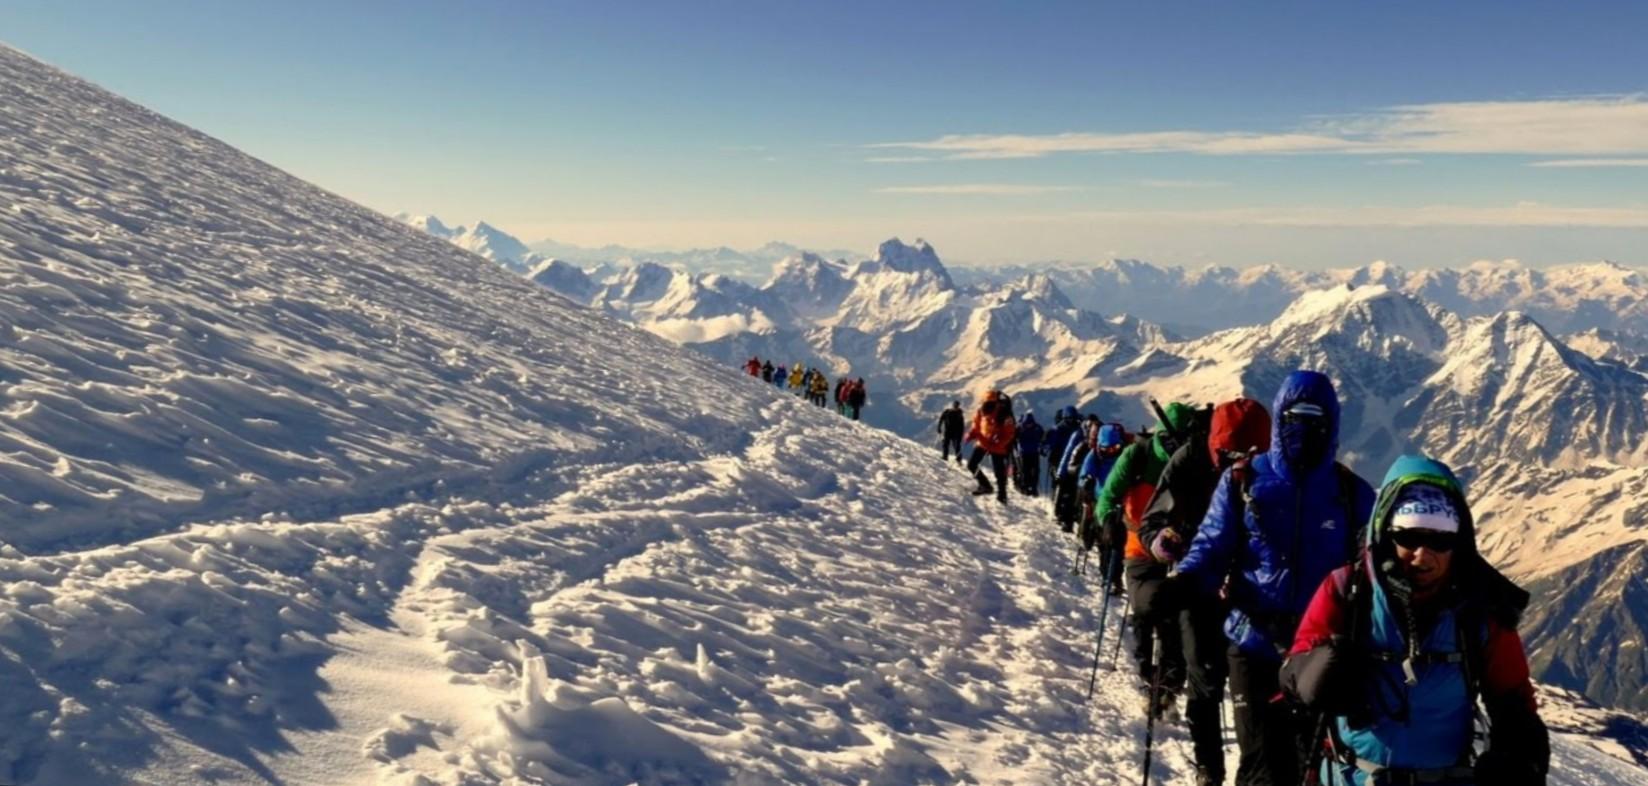 33 Elbrus